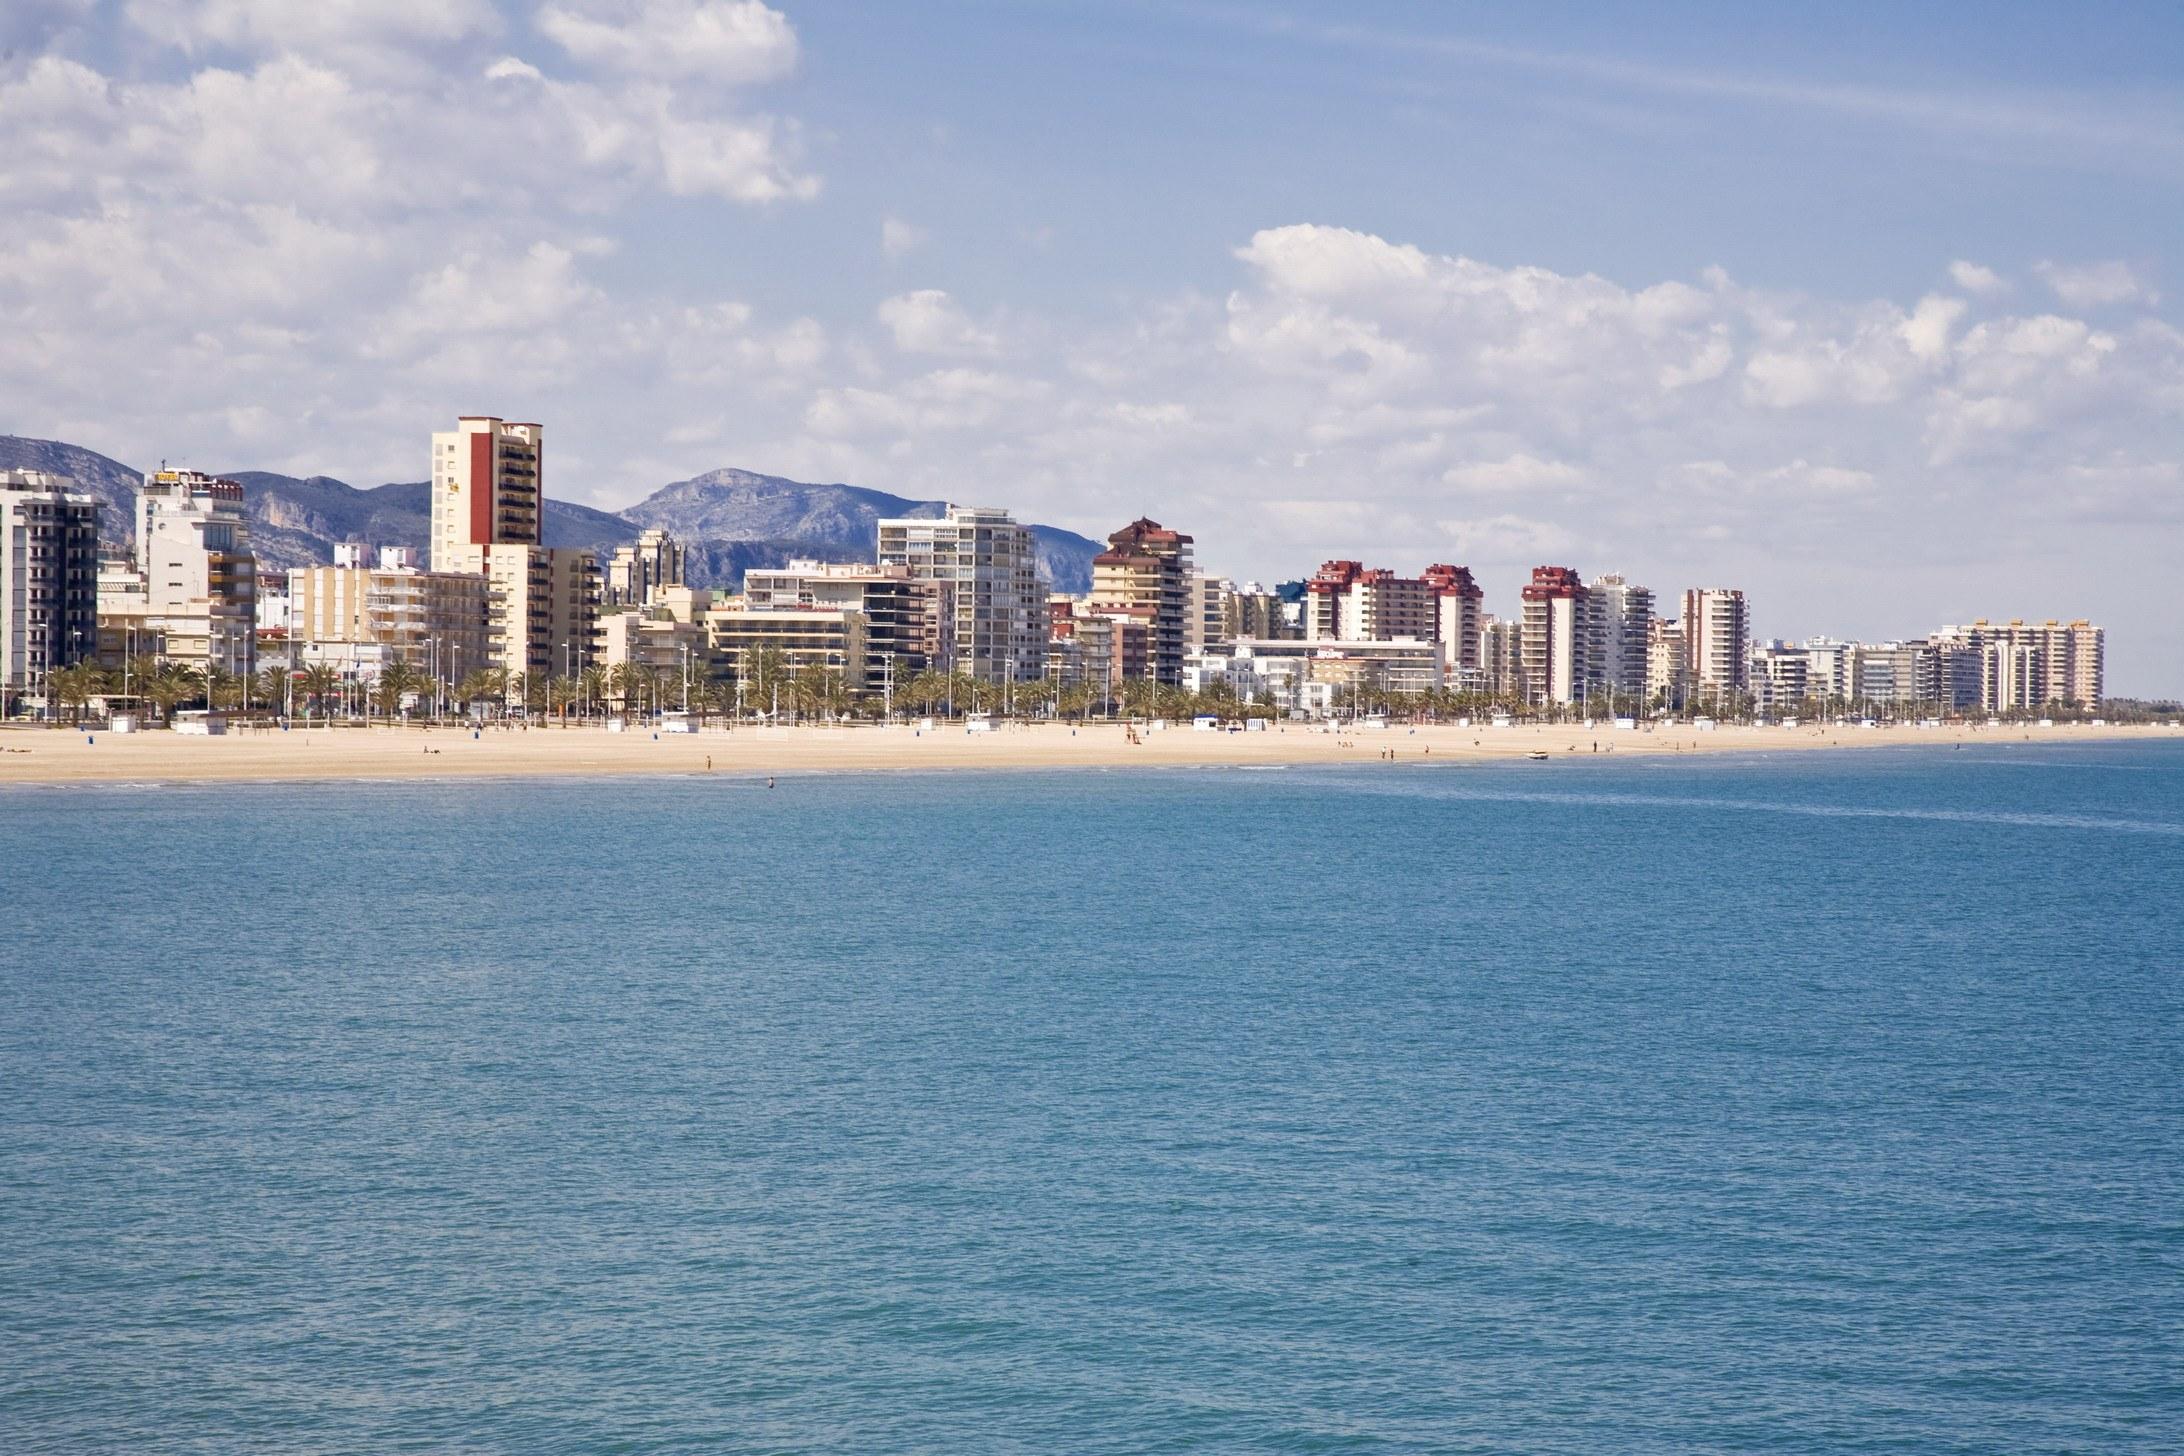 Un 40% de los apartamentos turísticos de la playa de Gandia son alquilados de forma fraudulenta